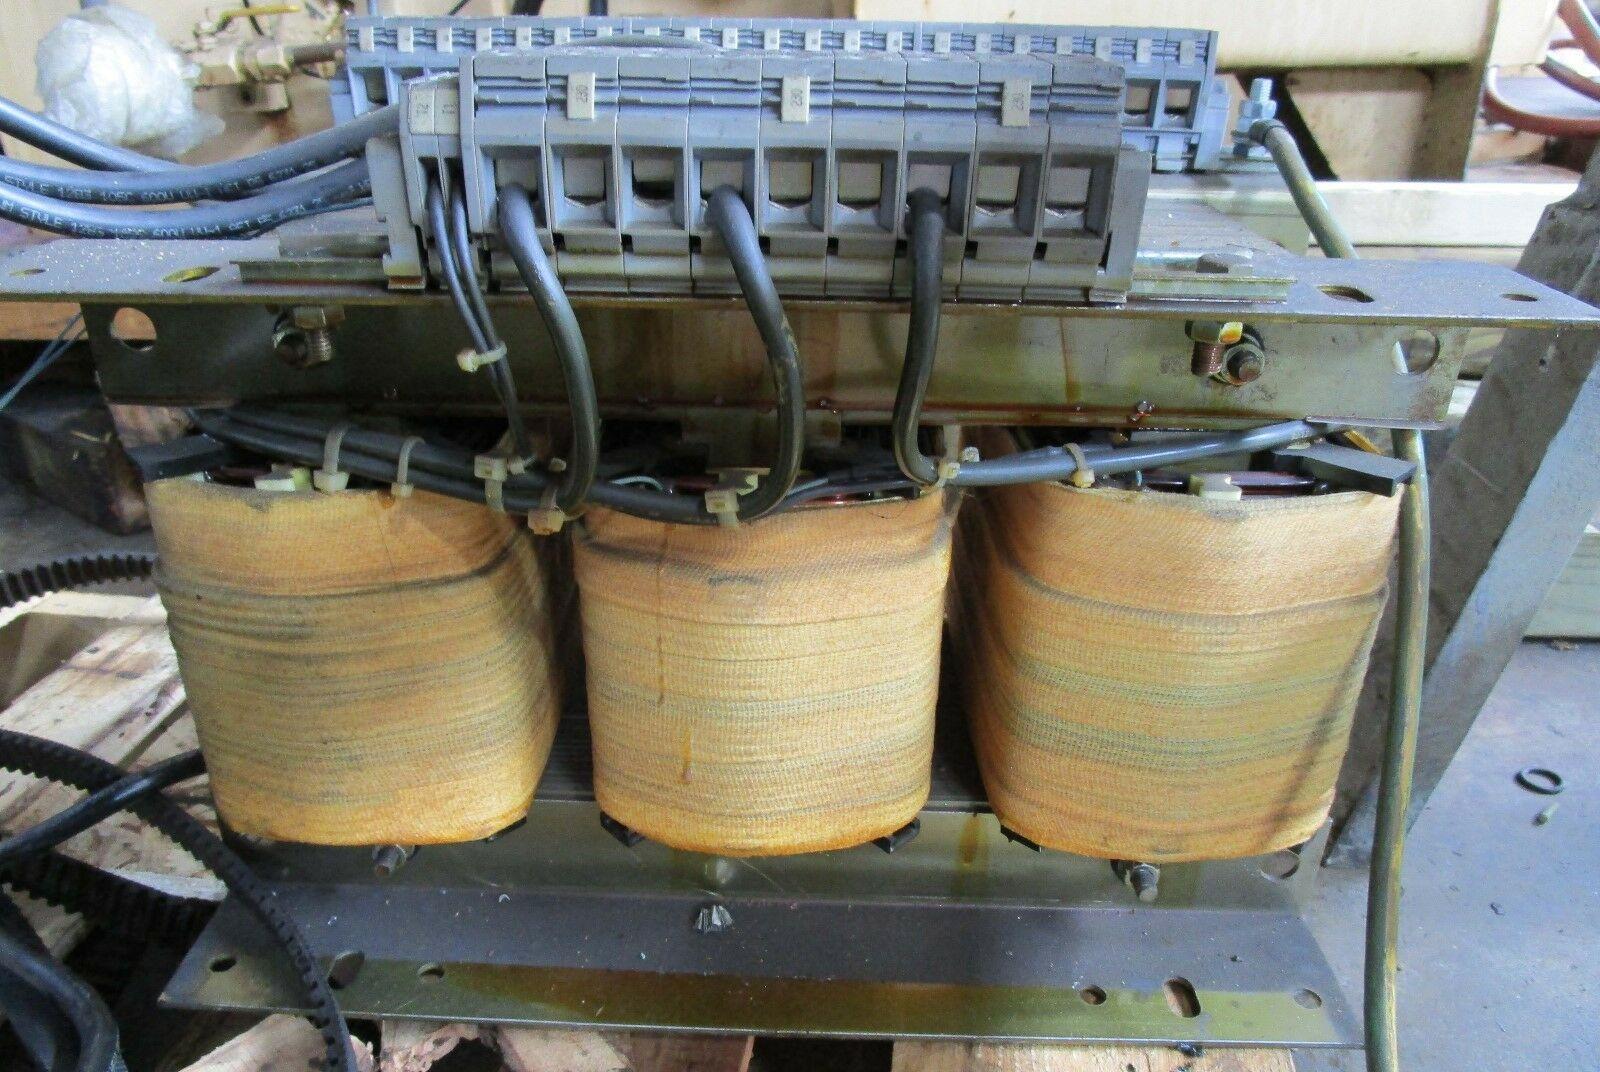 30 KVA Multi Tap Transformer, Input 208-220-240-380-415-460 Output 240V L-L